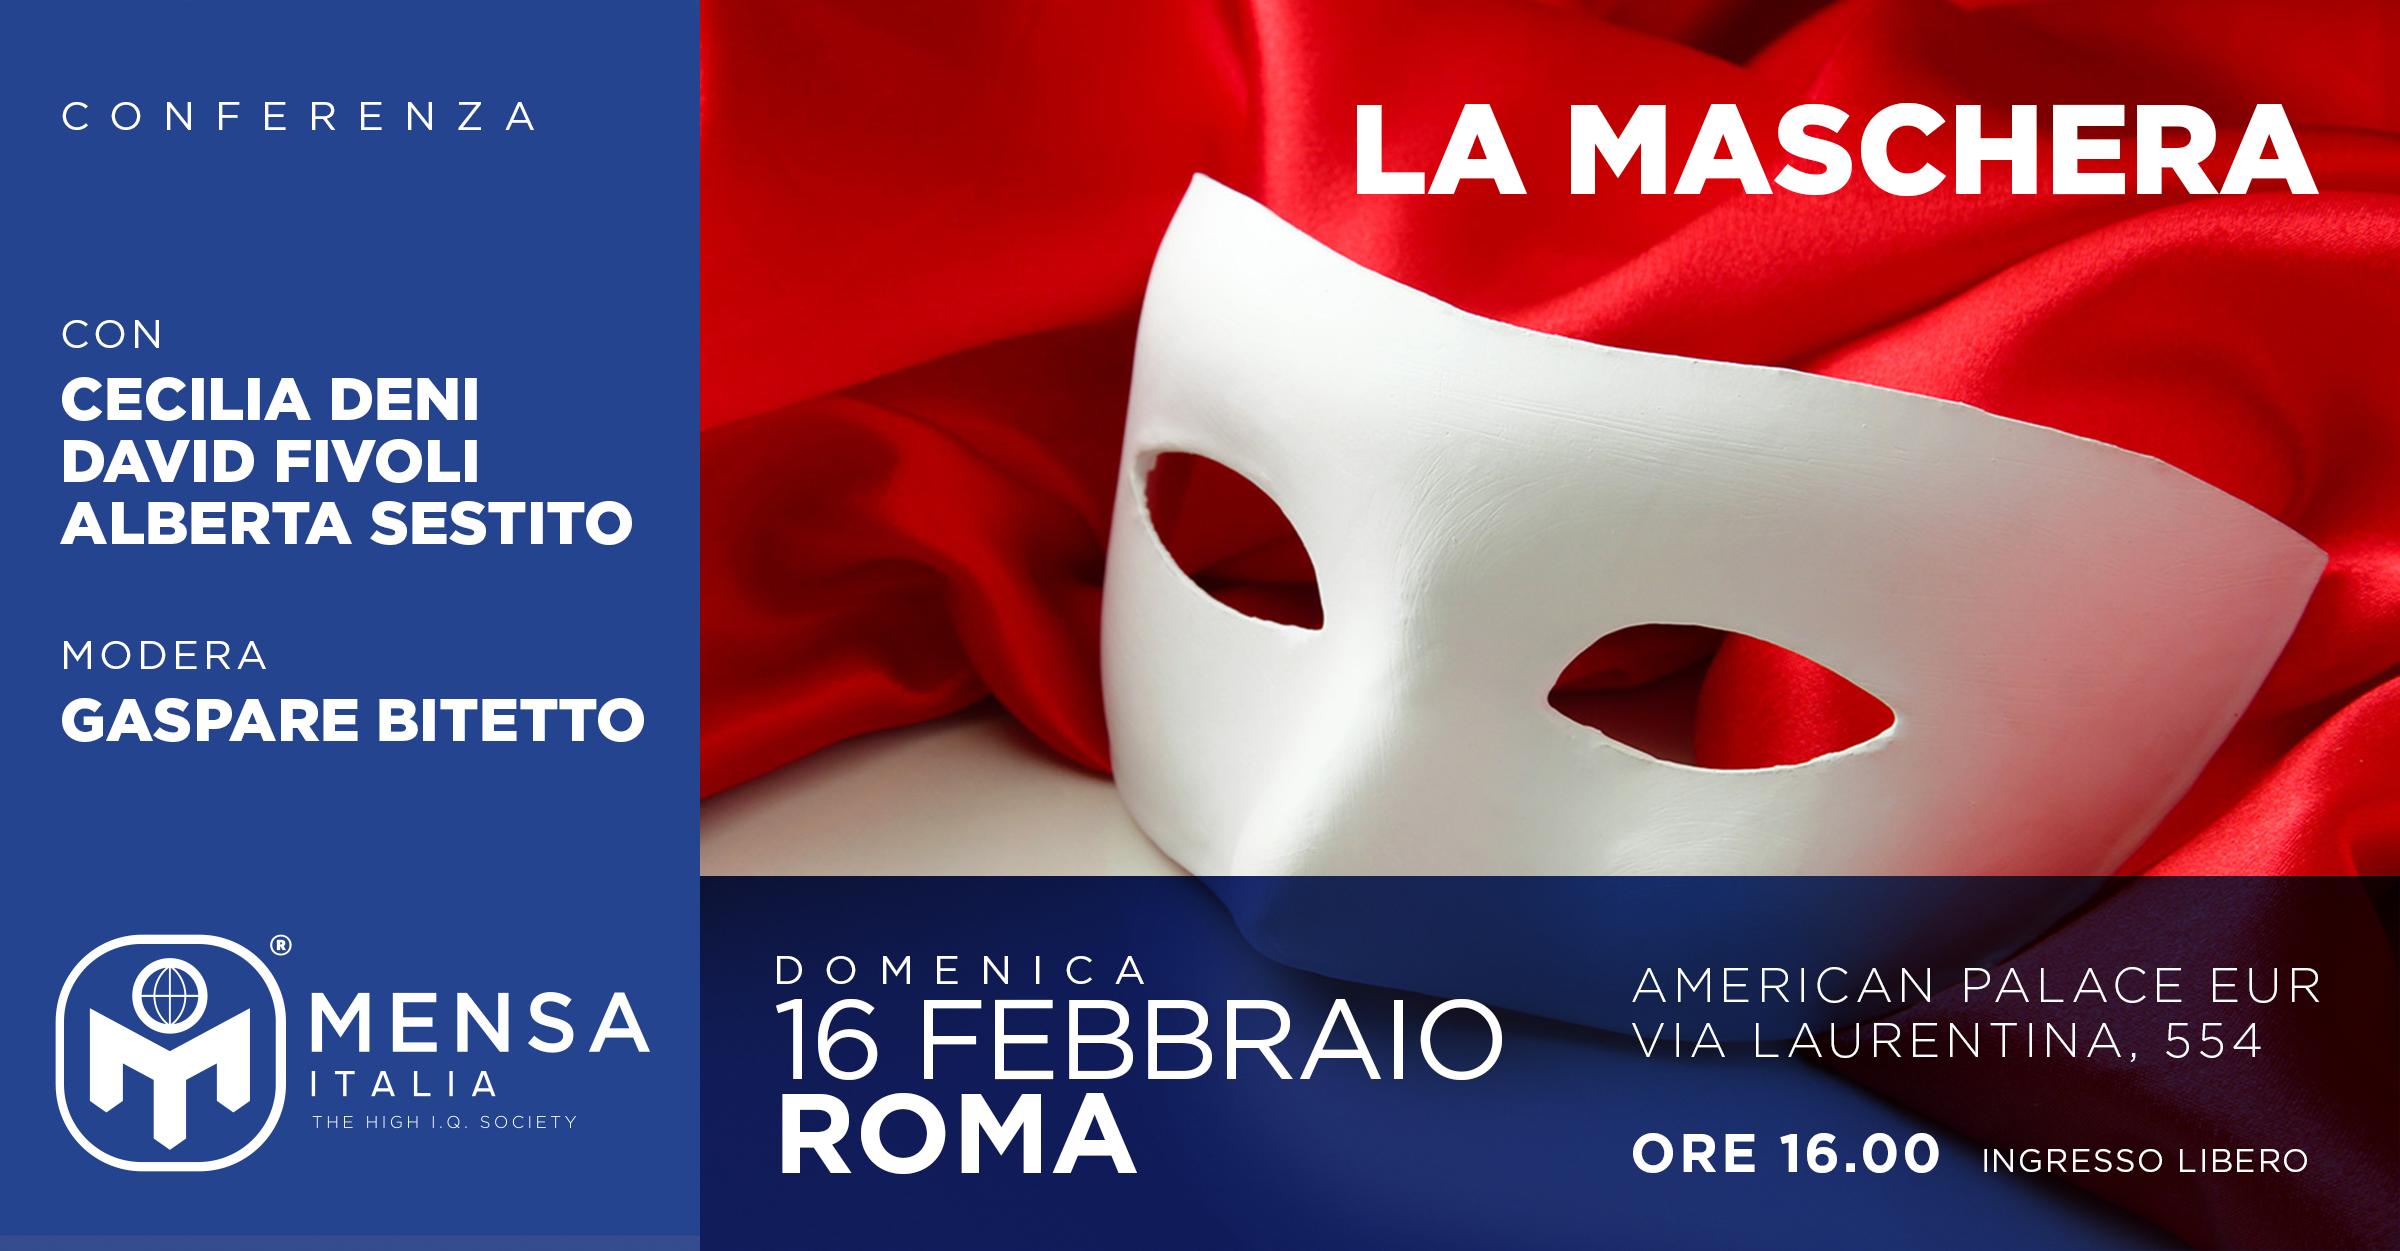 Roma, 16 febbraio 2020. La Maschera.